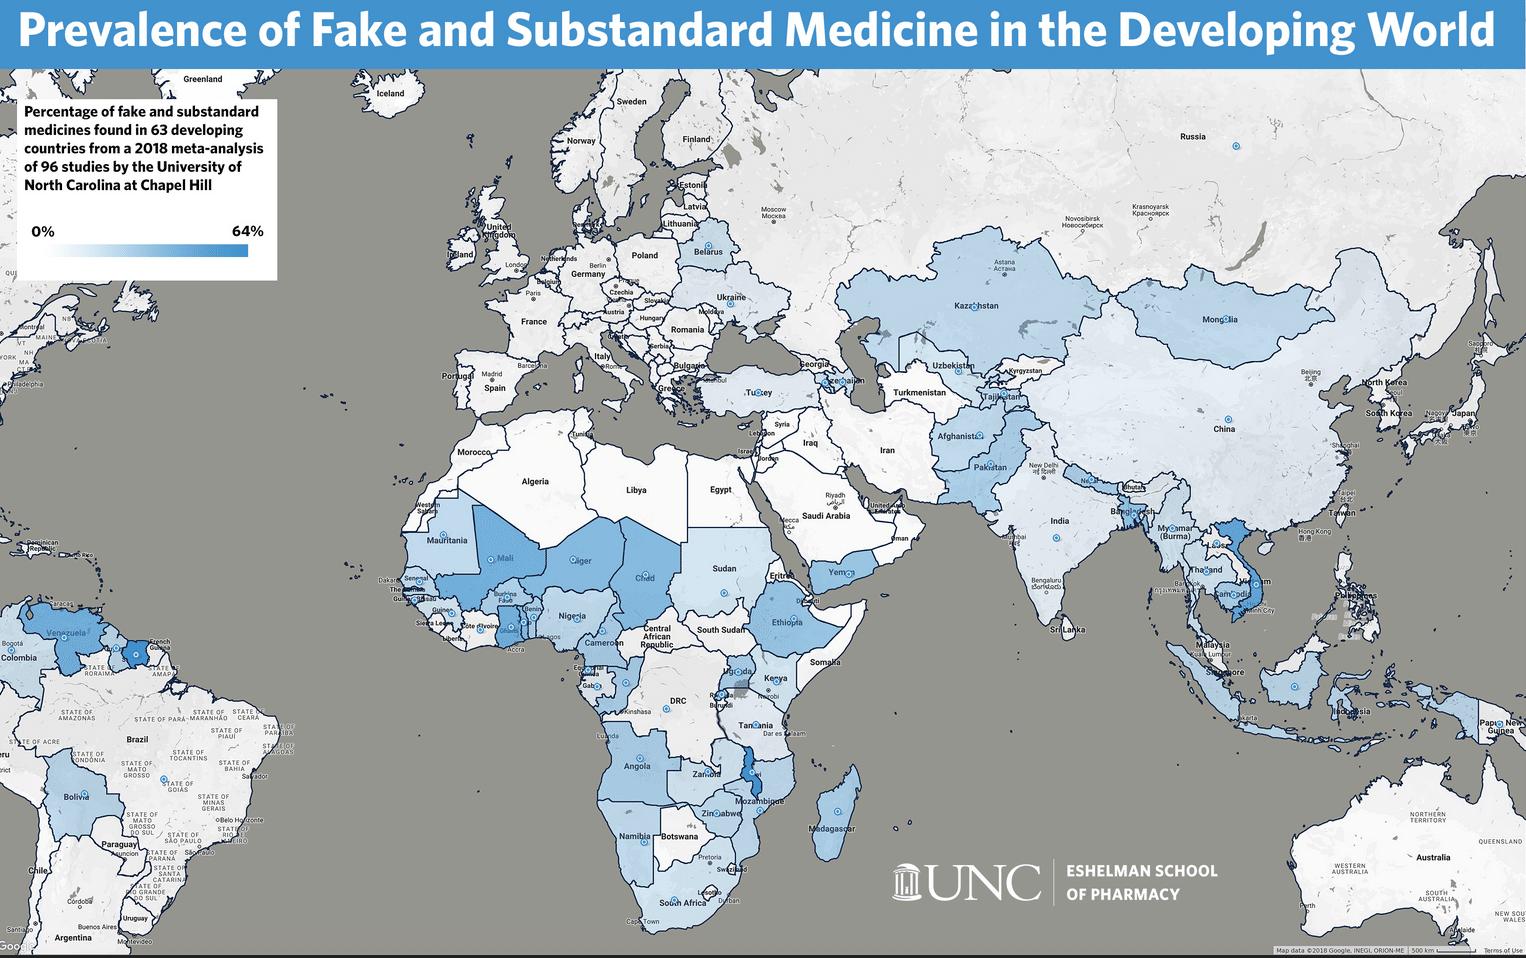 Farmaci falsi e scadenti: cresce diffusione nei paesi in via di sviluppo